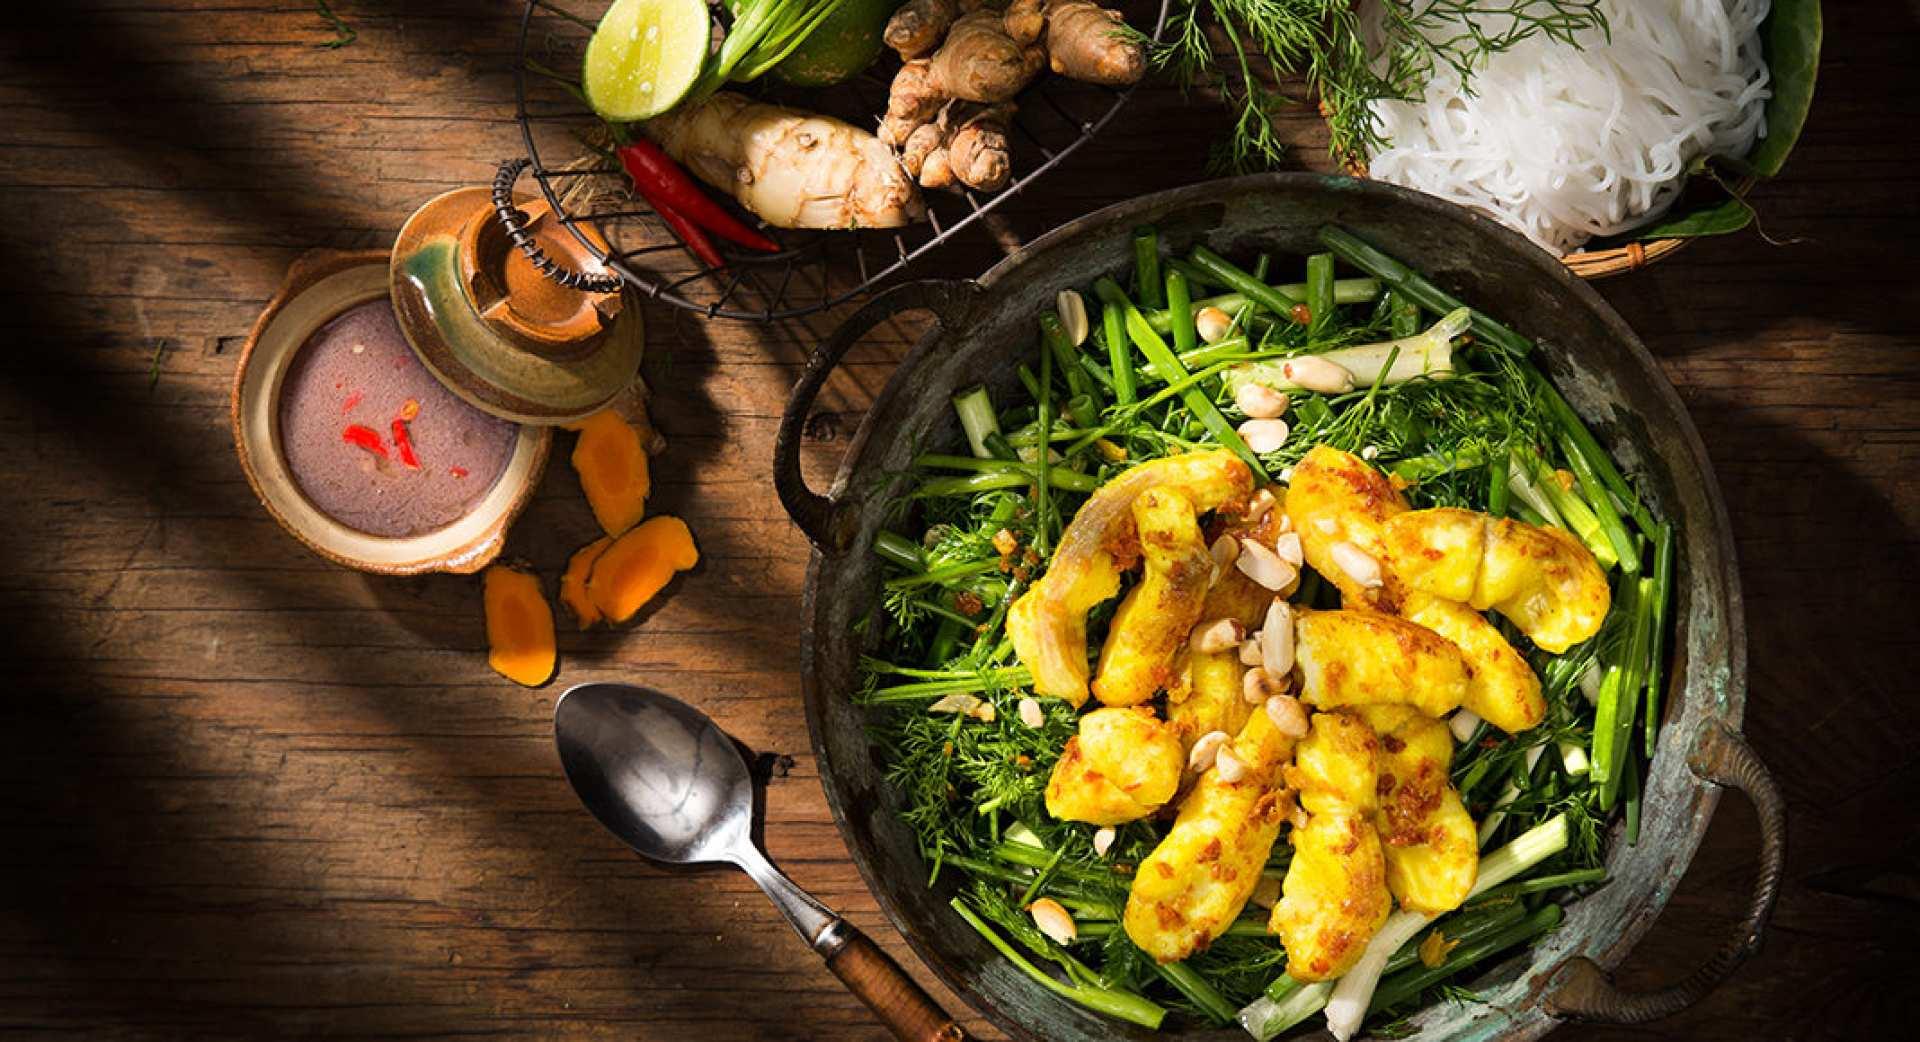 【河內當地別墅用餐】精選越南特色餐點